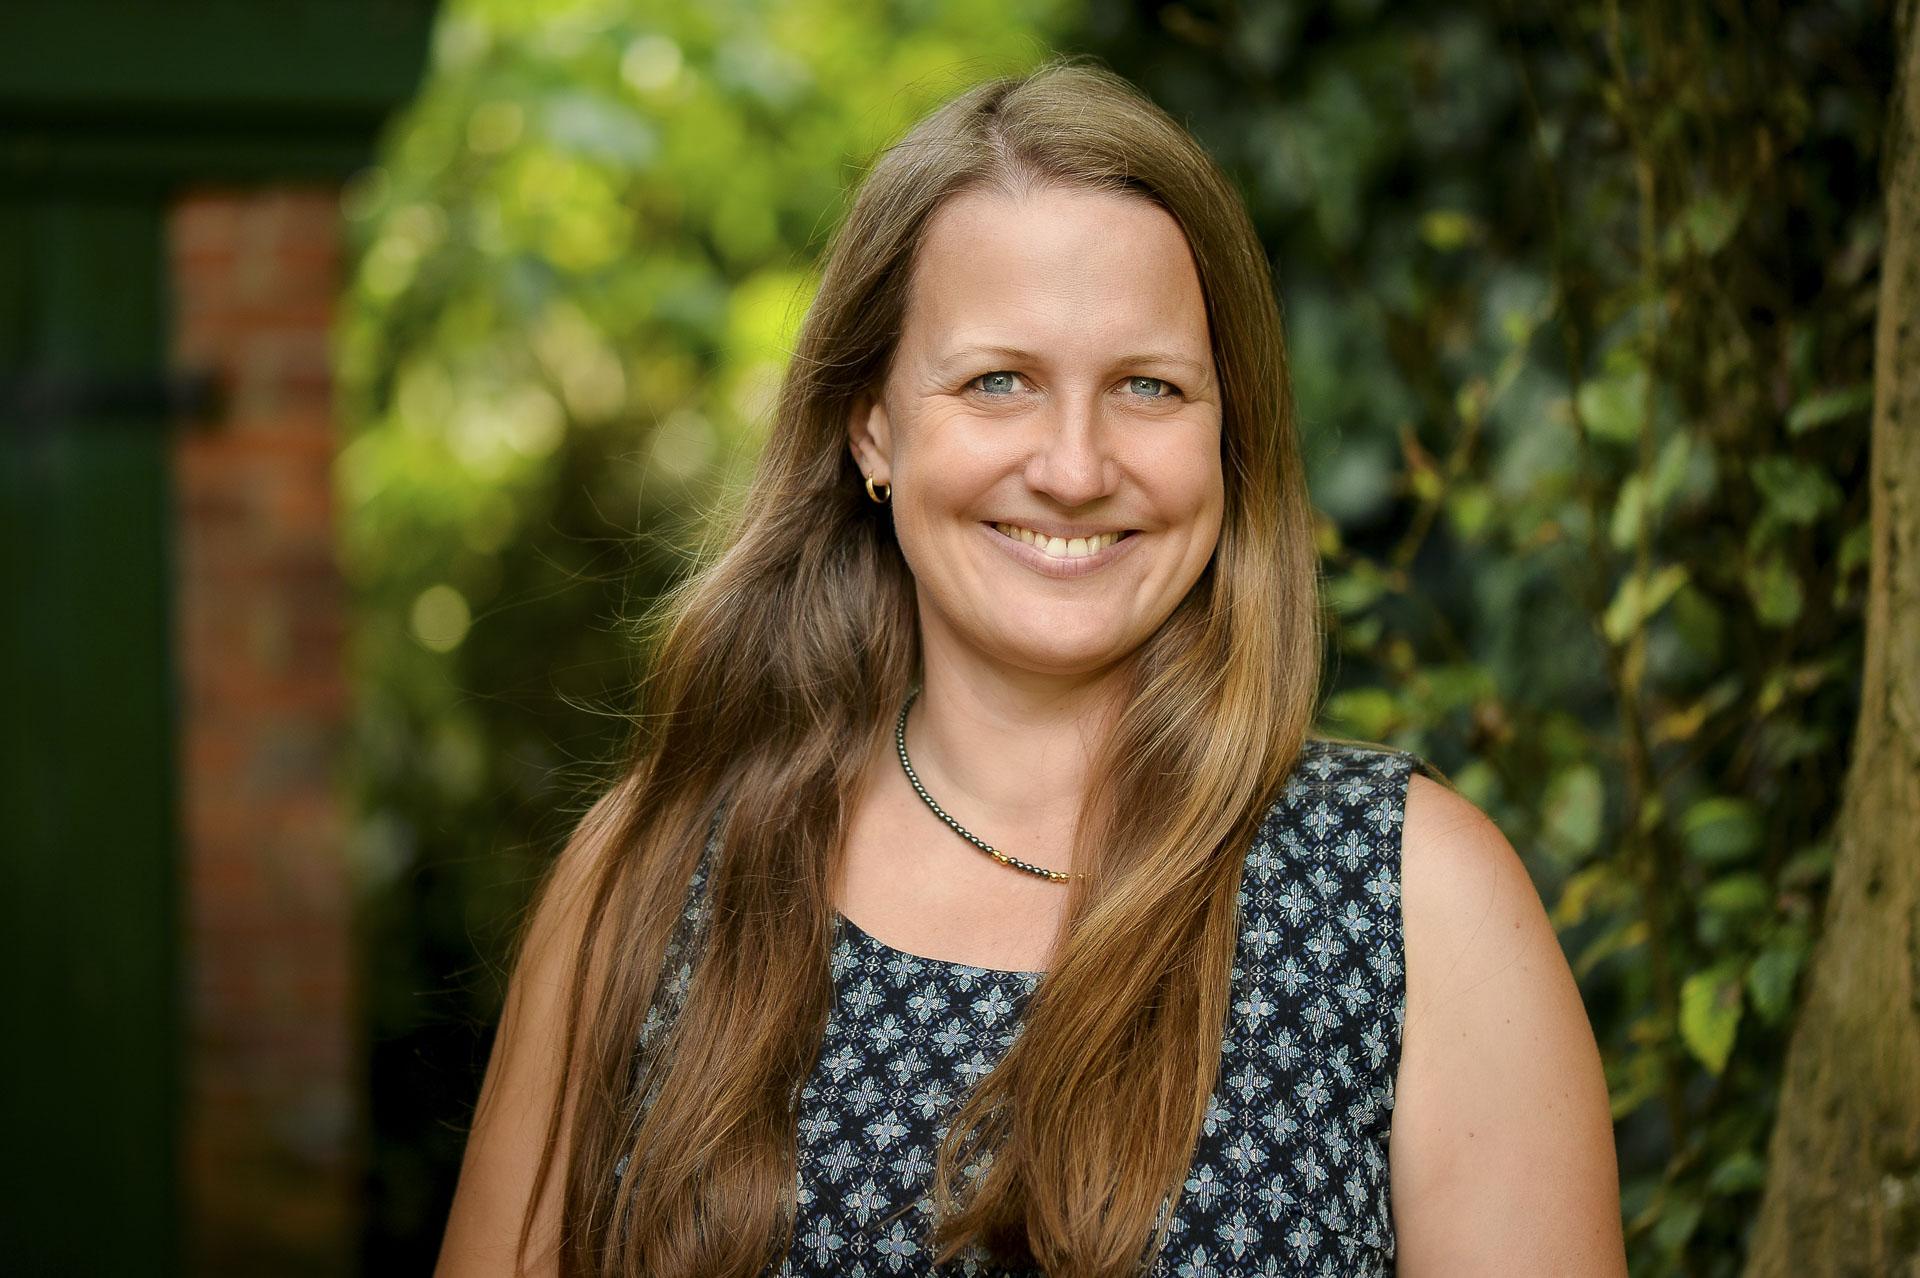 Eine Frau mit langen Haaren und Sommerkleid lächelt